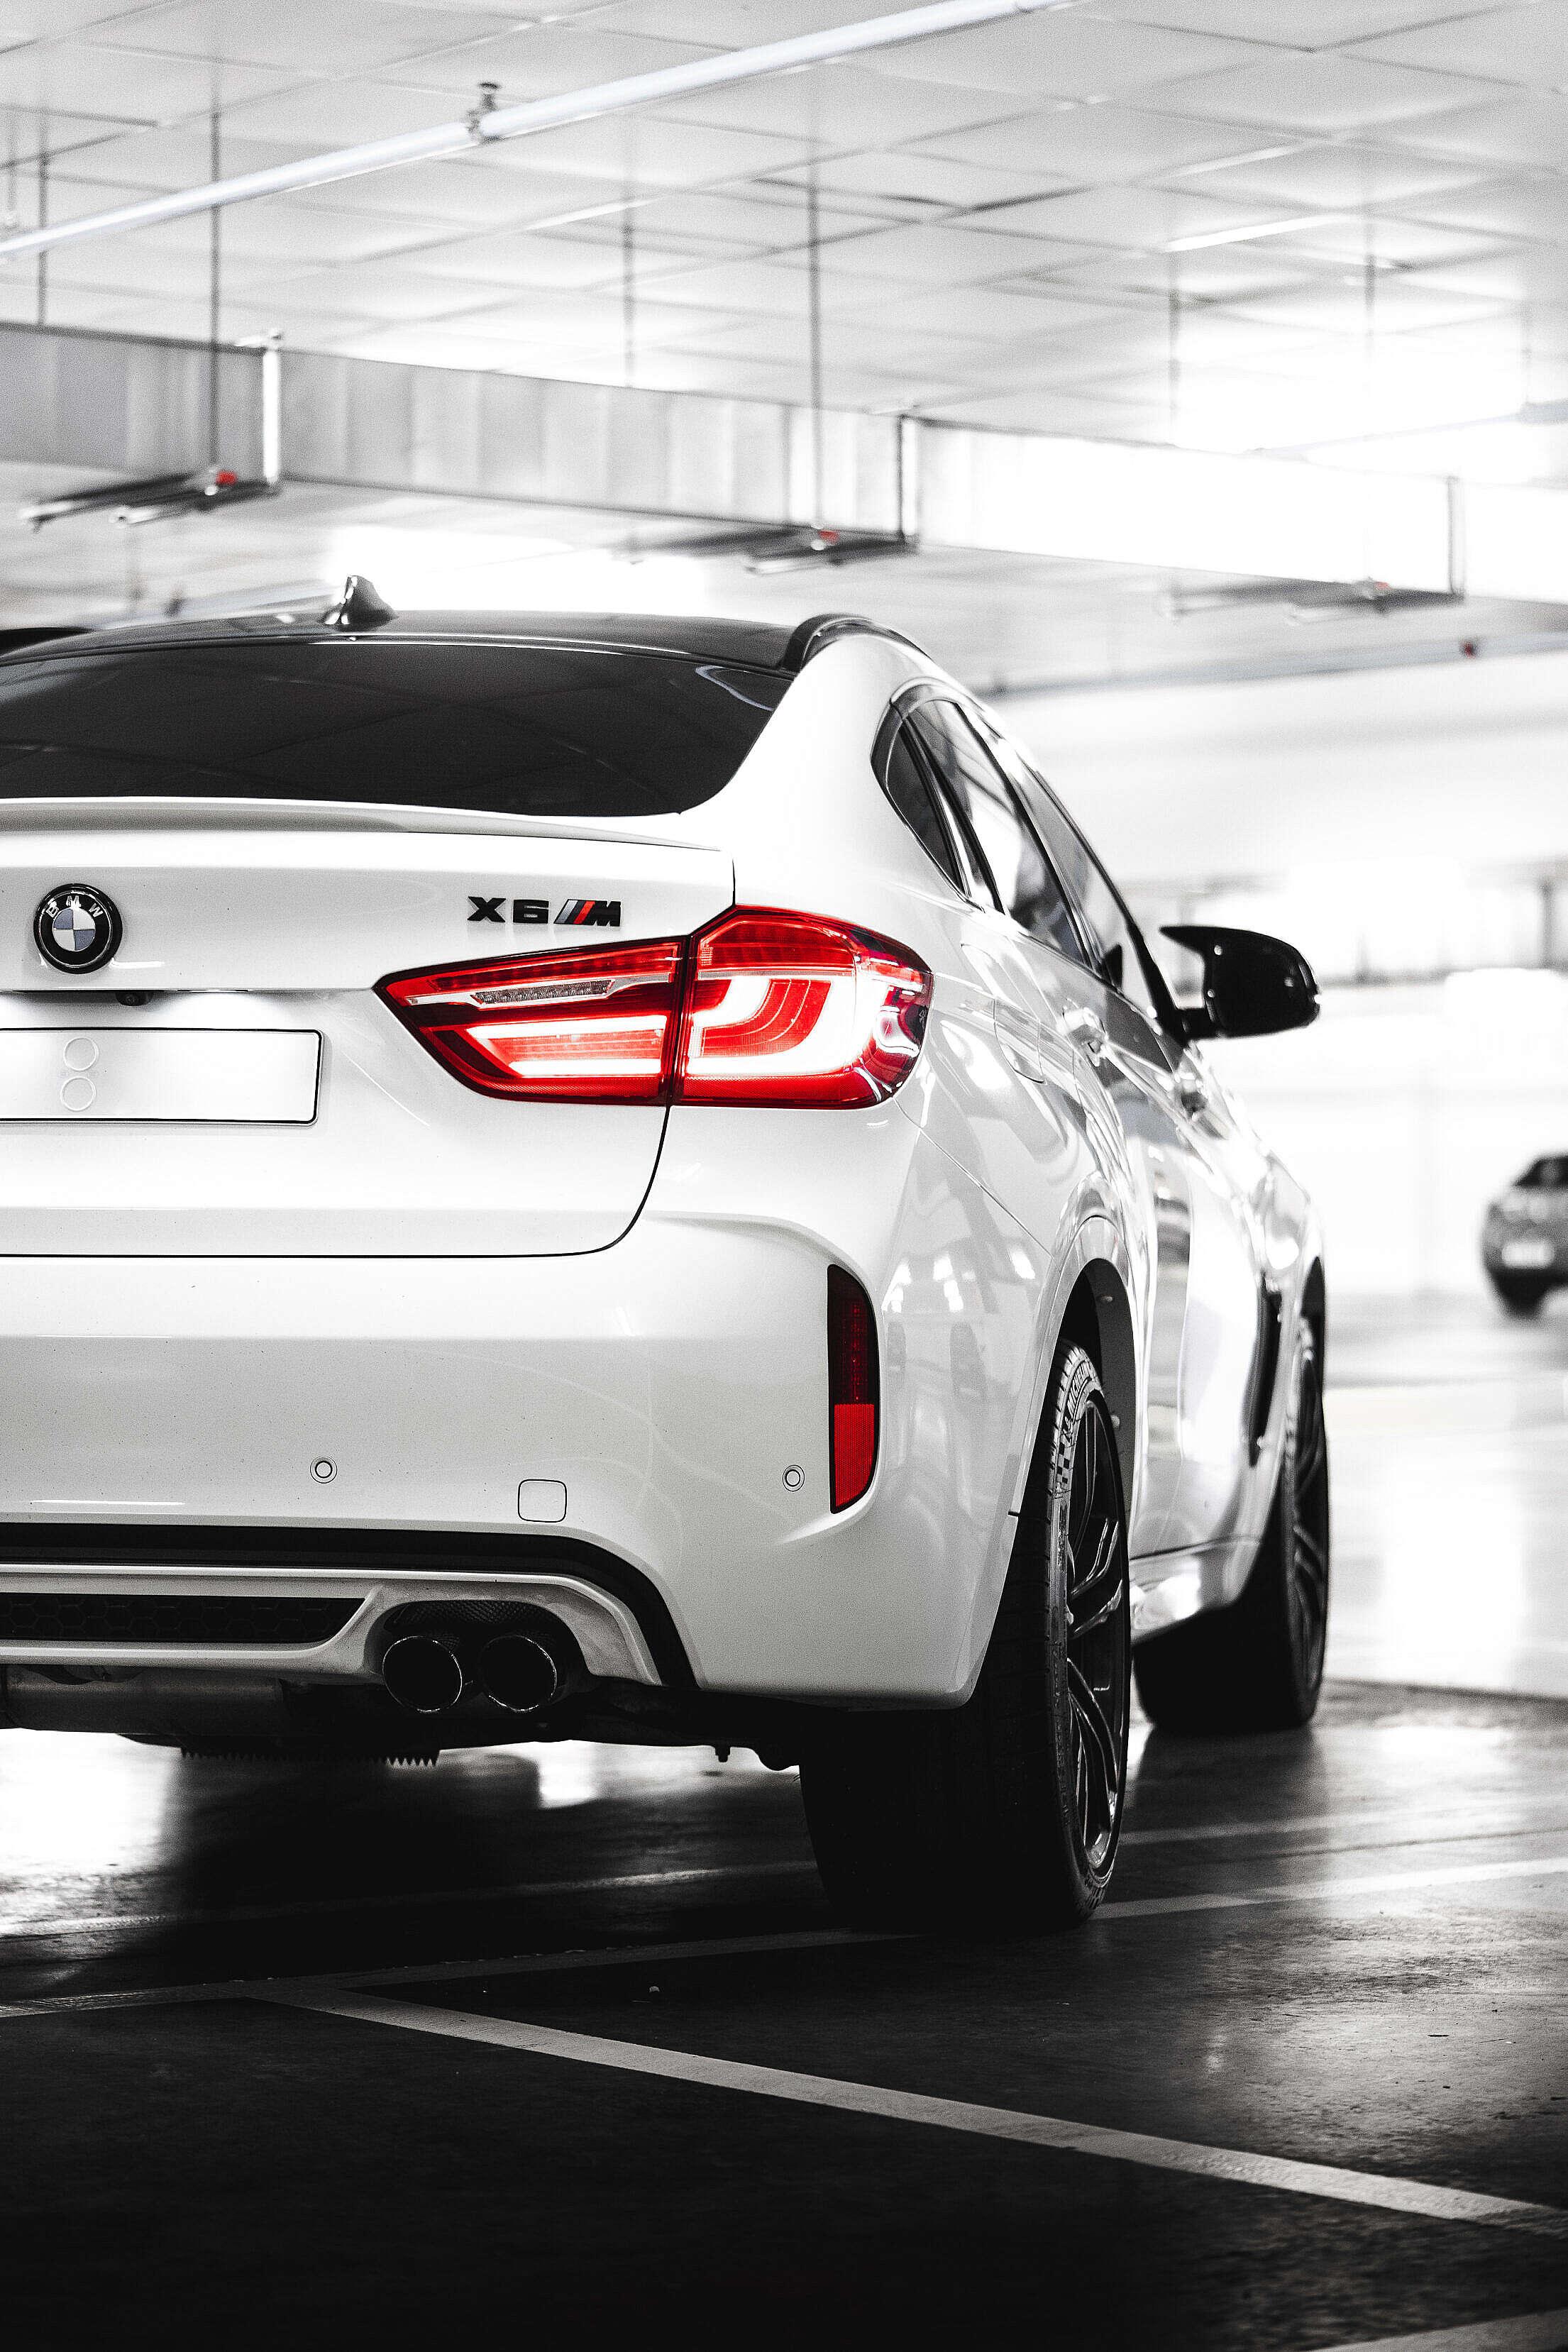 White BMW X6M Rear View Free Stock Photo